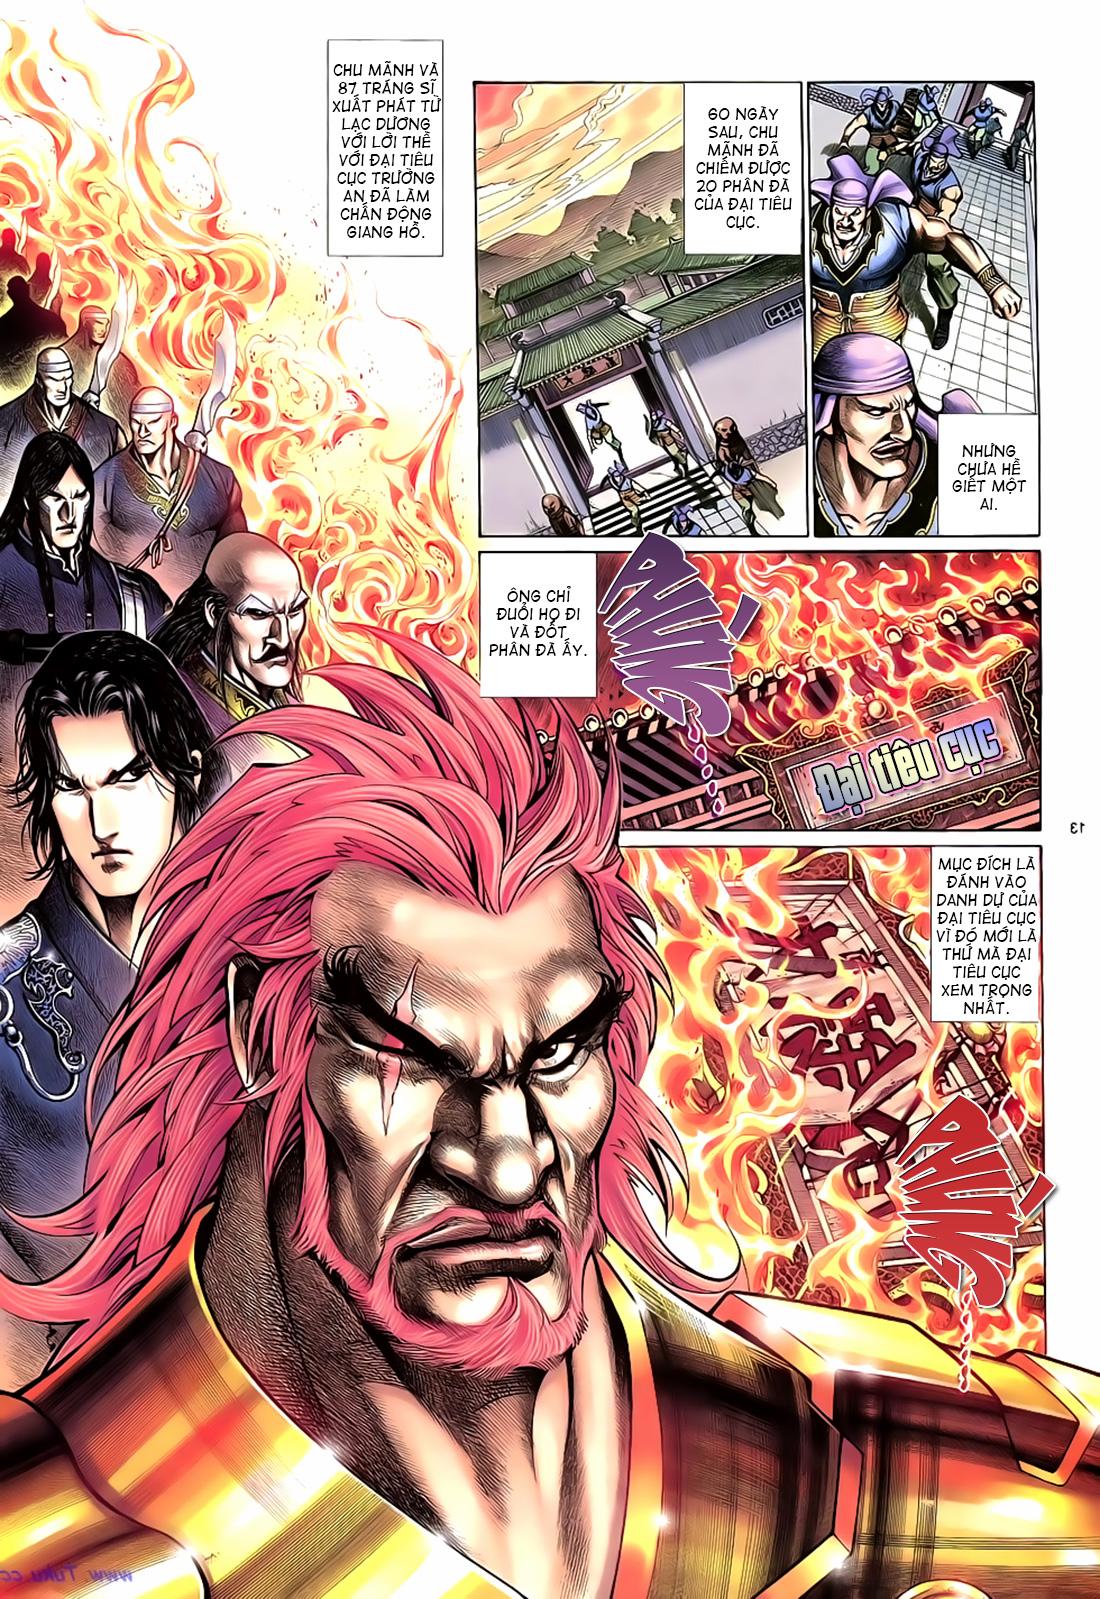 Anh hùng vô lệ Chap 17 trang 14